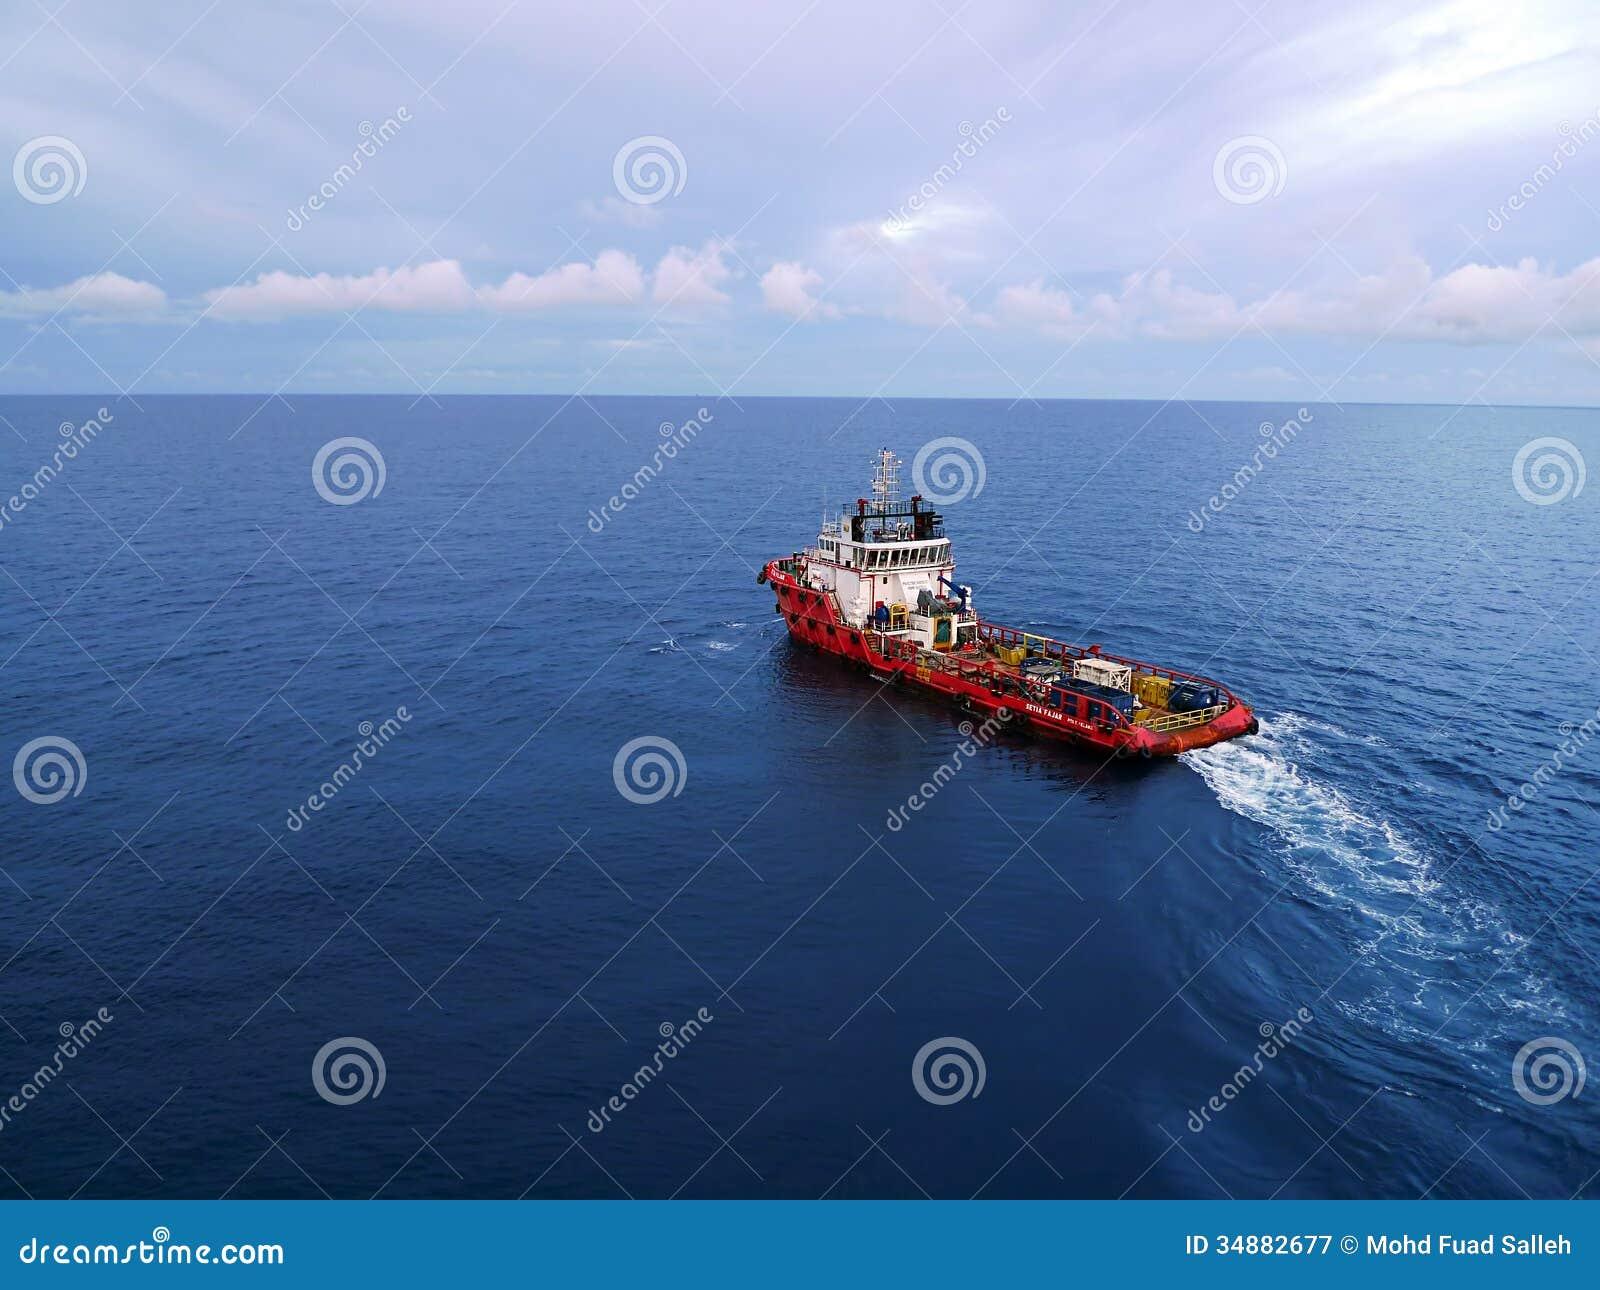 Βιομηχανική βάρκα πληρώματος και ανεφοδιασμού για το πετρέλαιο και το φυσικό αέριο